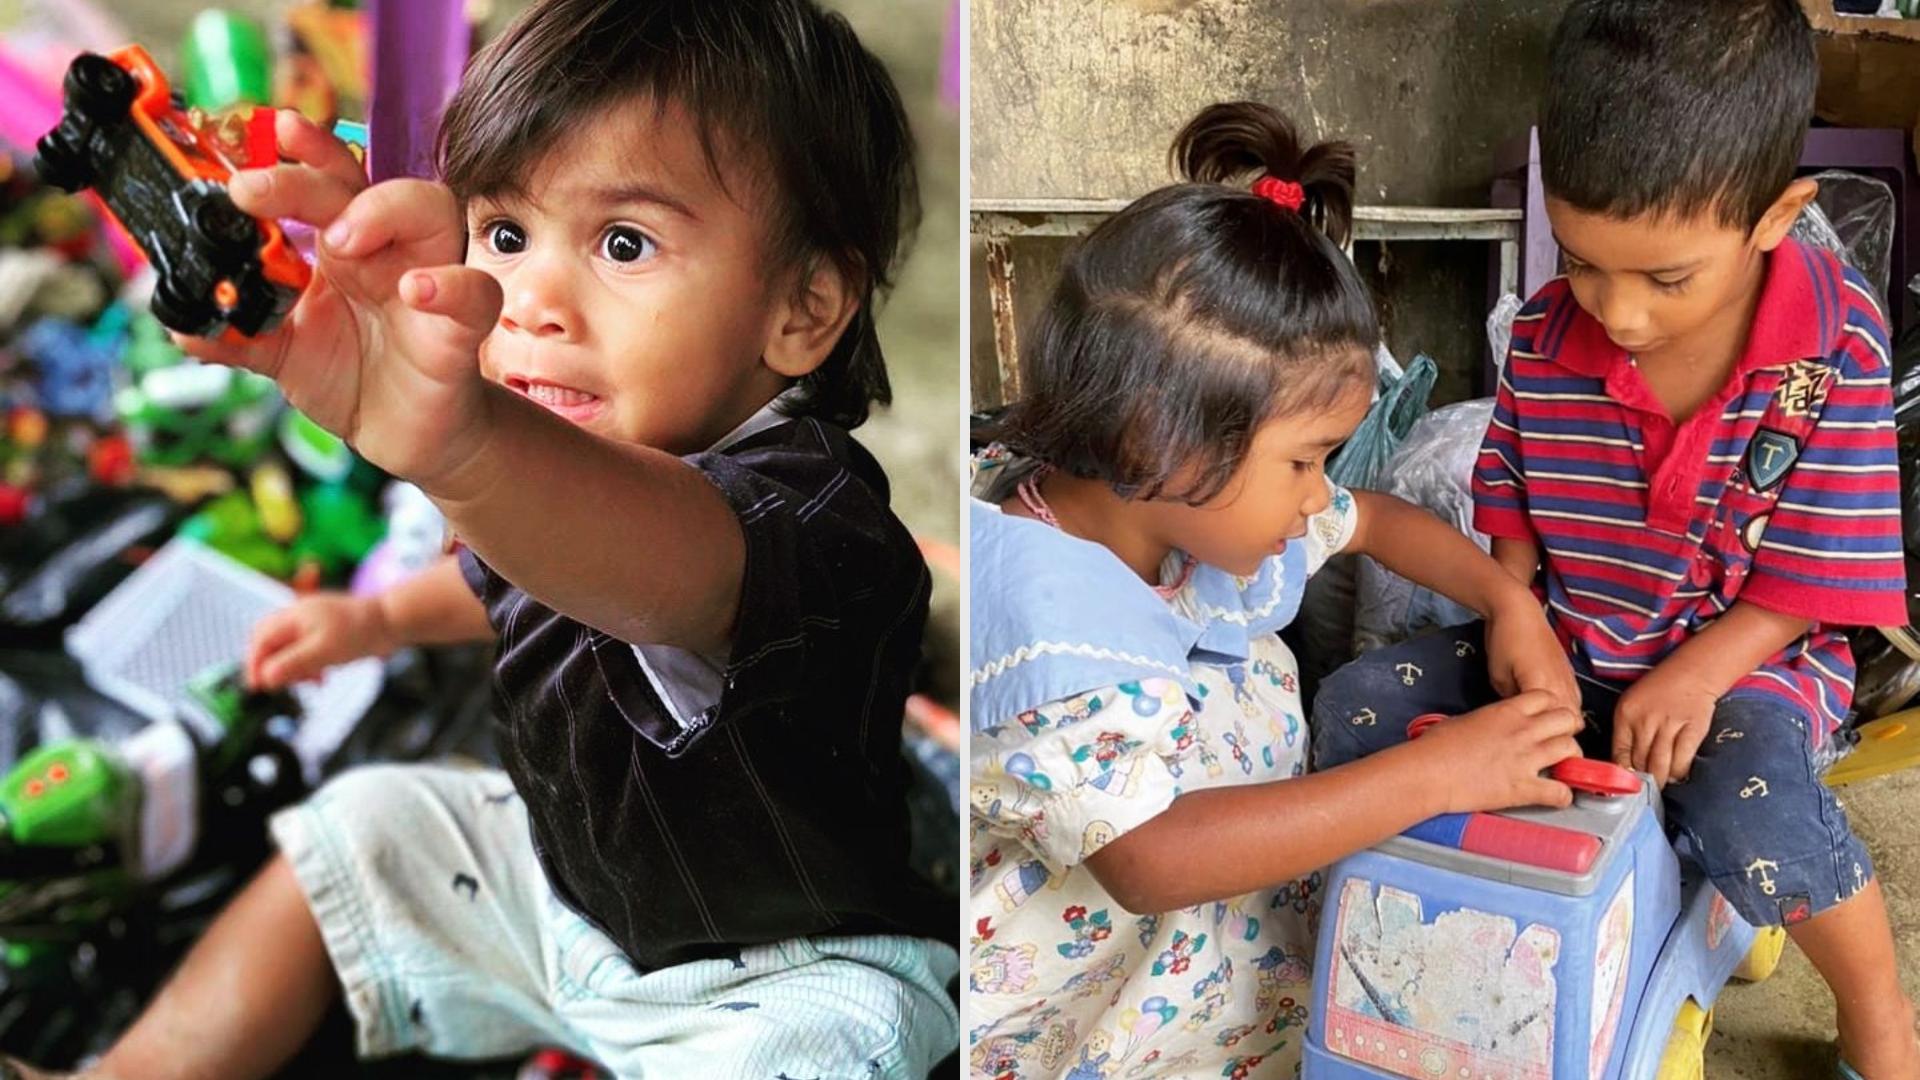 Crianças de aldeias indígenas de Aracruz em ação do projeto. Crédito: Janaína Muniz